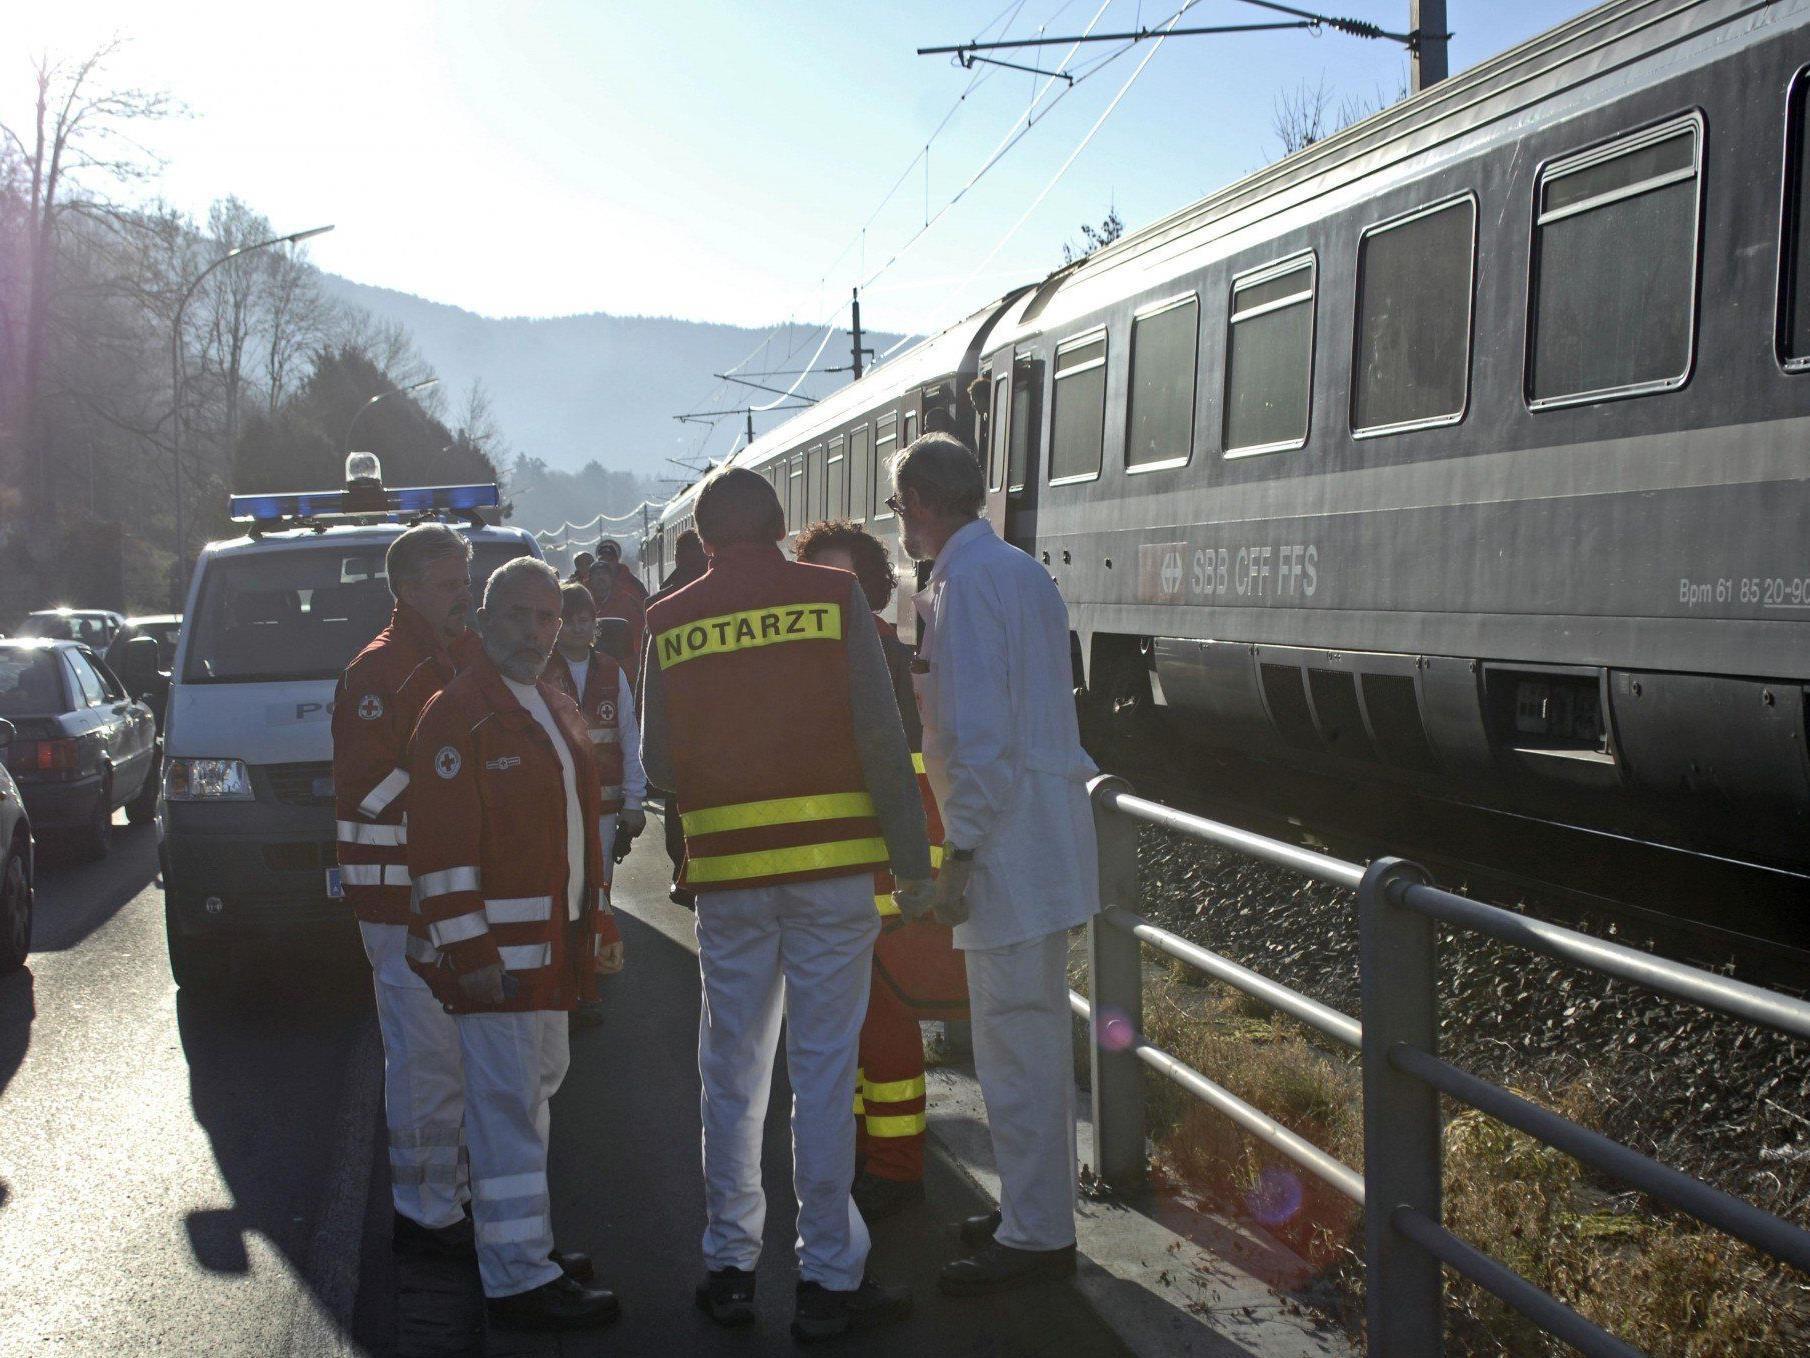 Drei Menschen kamen im Dezember 2006 bei einem tragischen Zugunglück in Lochau ums Leben.